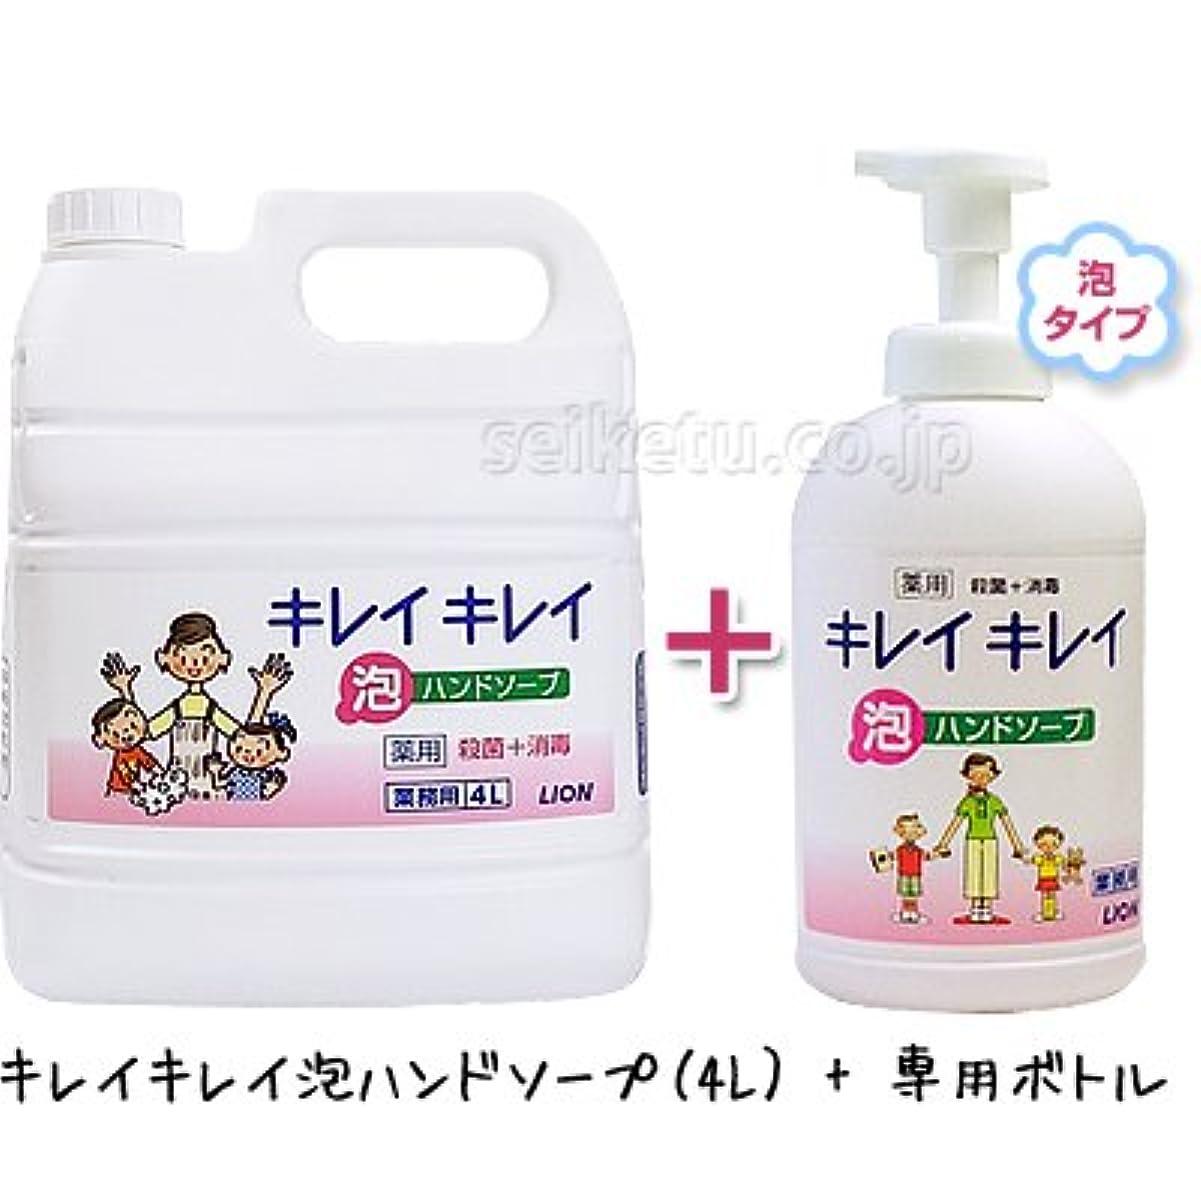 ソーセージラフト今まで【清潔キレイ館/お得なセット】ライオン キレイキレイ泡ハンドソープ(4L)+専用ボトル